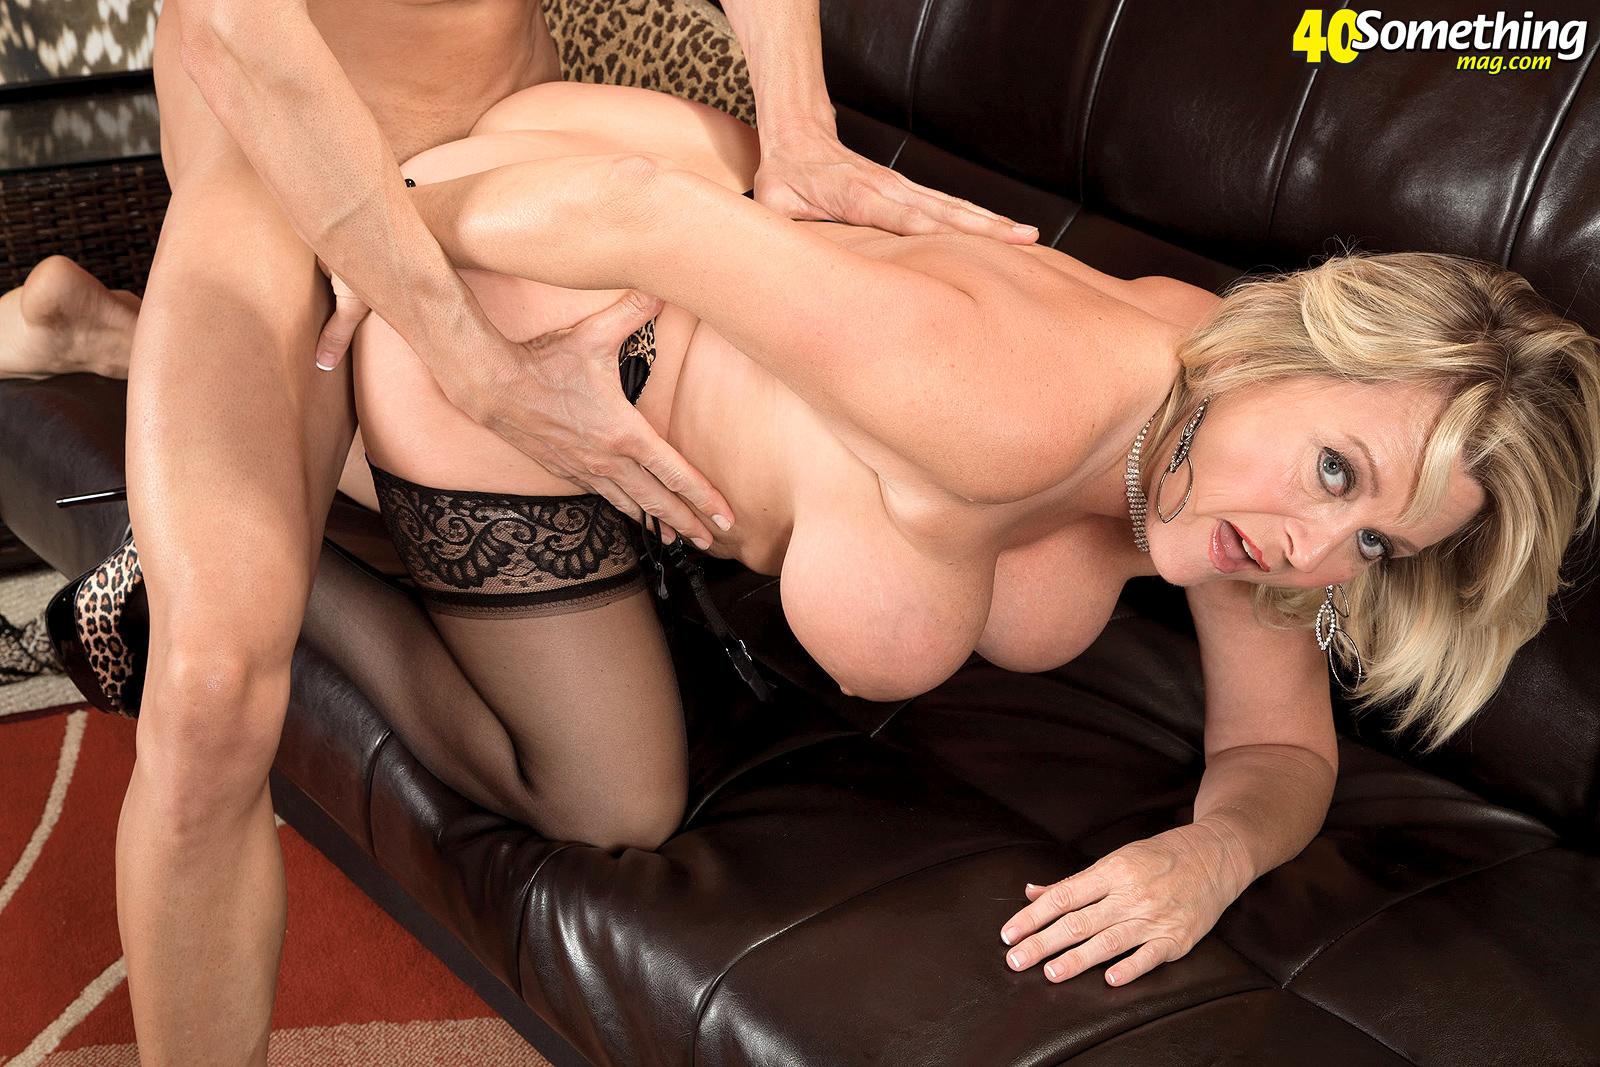 Золотая коллекция порно секс фото зрелых женщин — pic 12